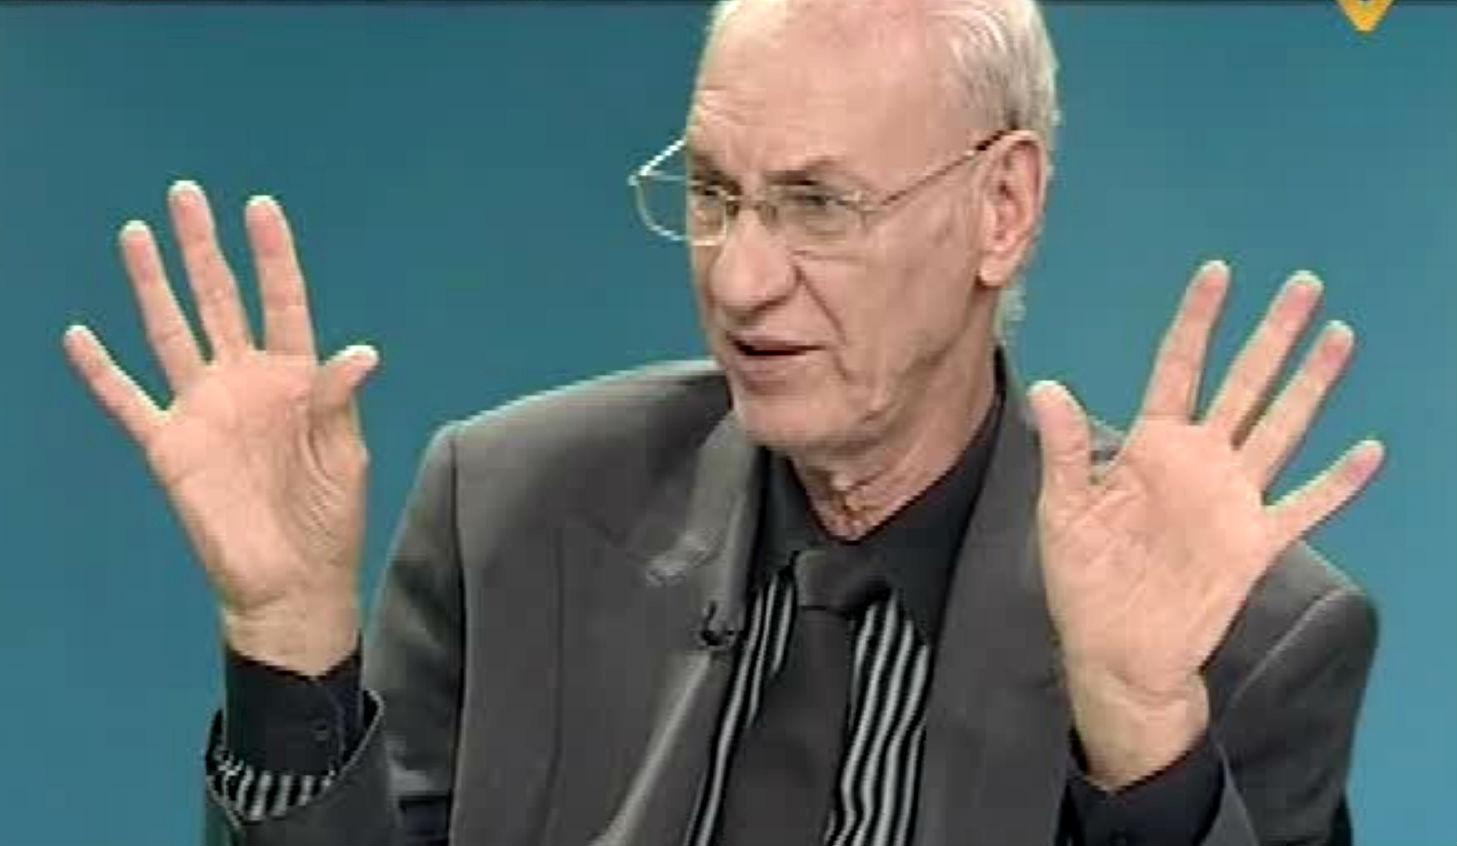 L'intellectuel algérien Rachid Benaïssa : «Le seul choix possible pour l'Occident est l'islam. L'Occident n'a pas d'autre alternative religieuse» (Vidéo)